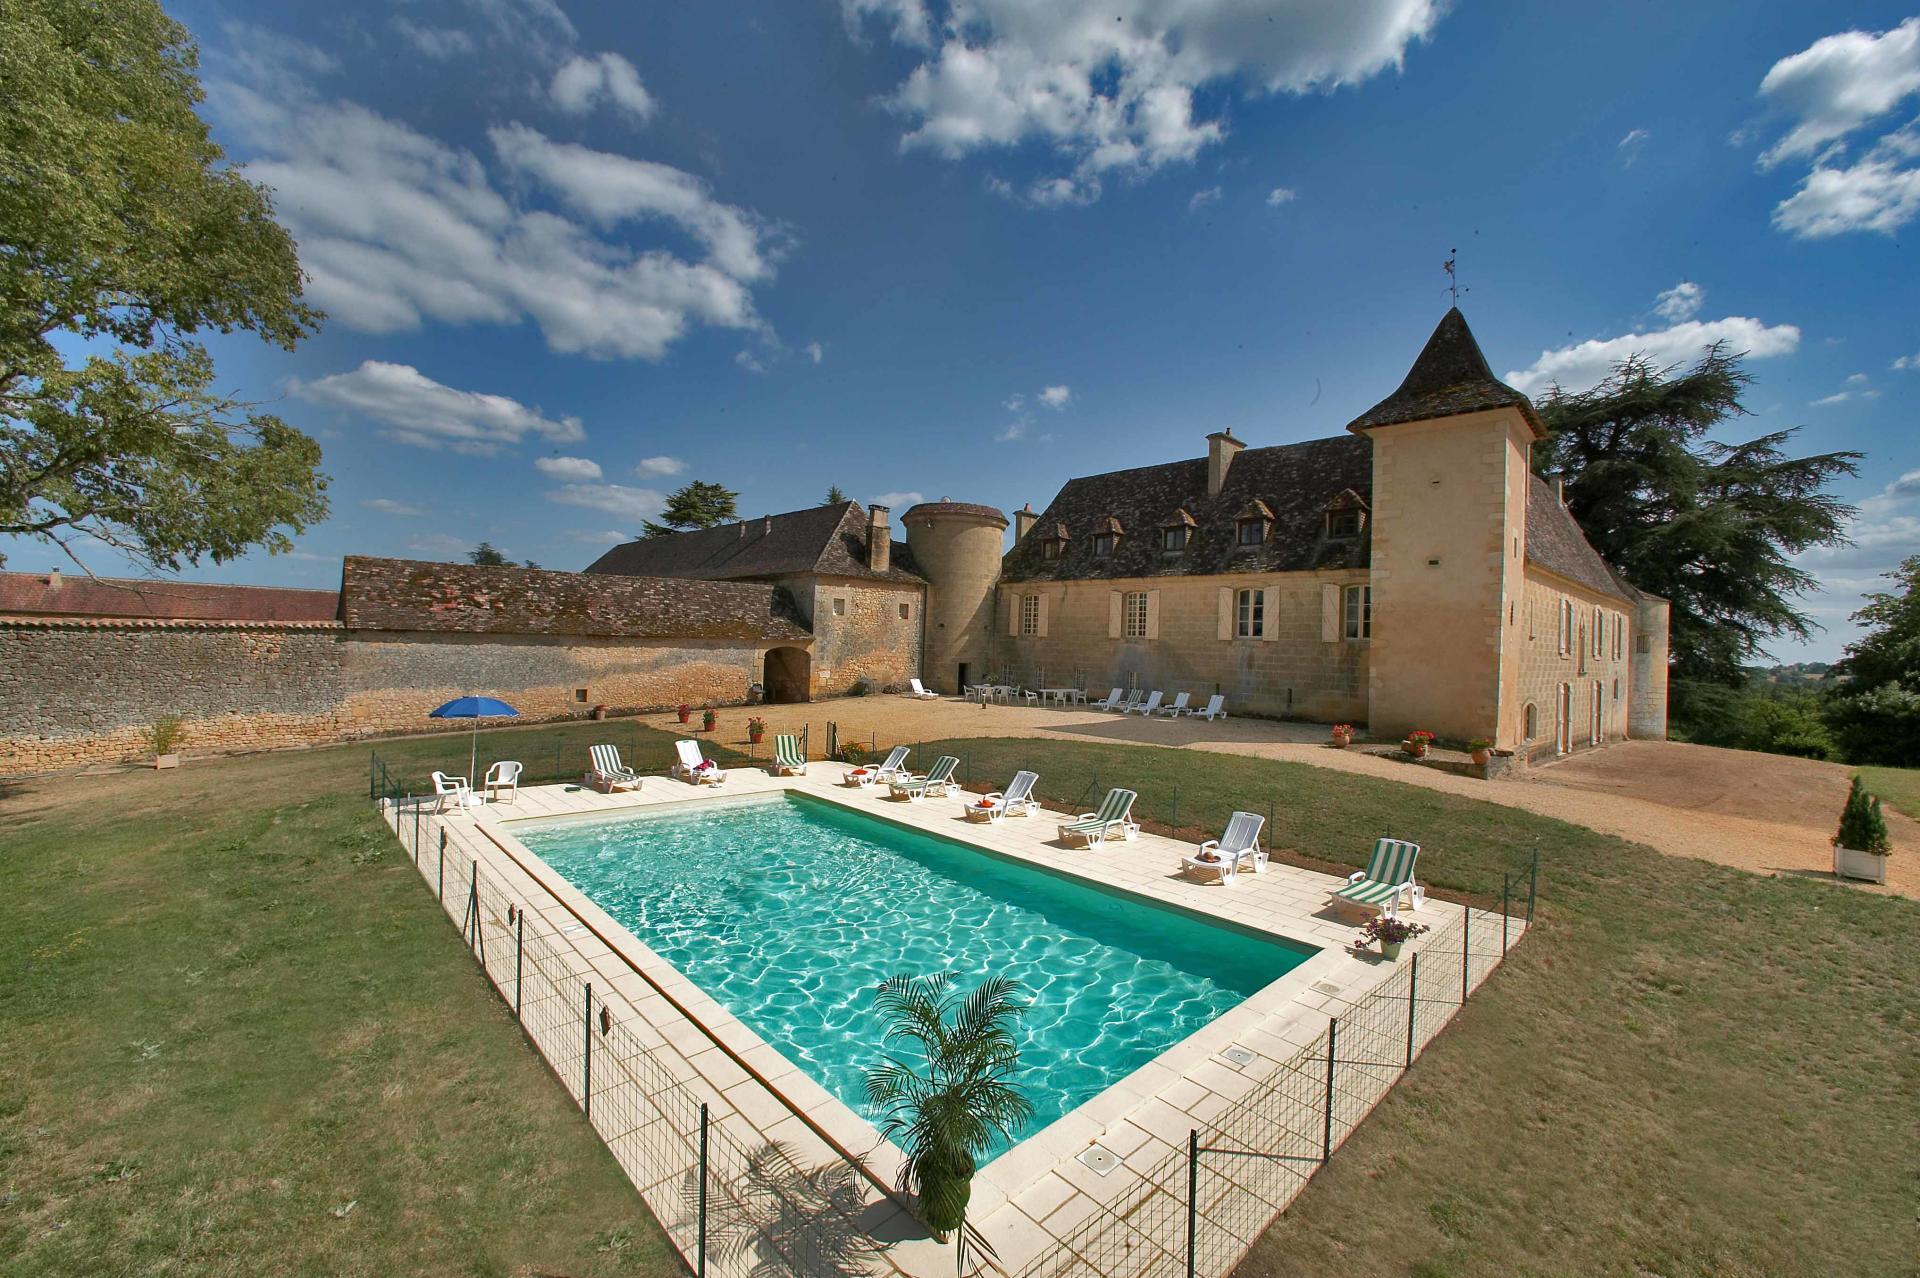 Outdoor Pool 1, Chateau de Cardoux, Dordogne, Lalinde.